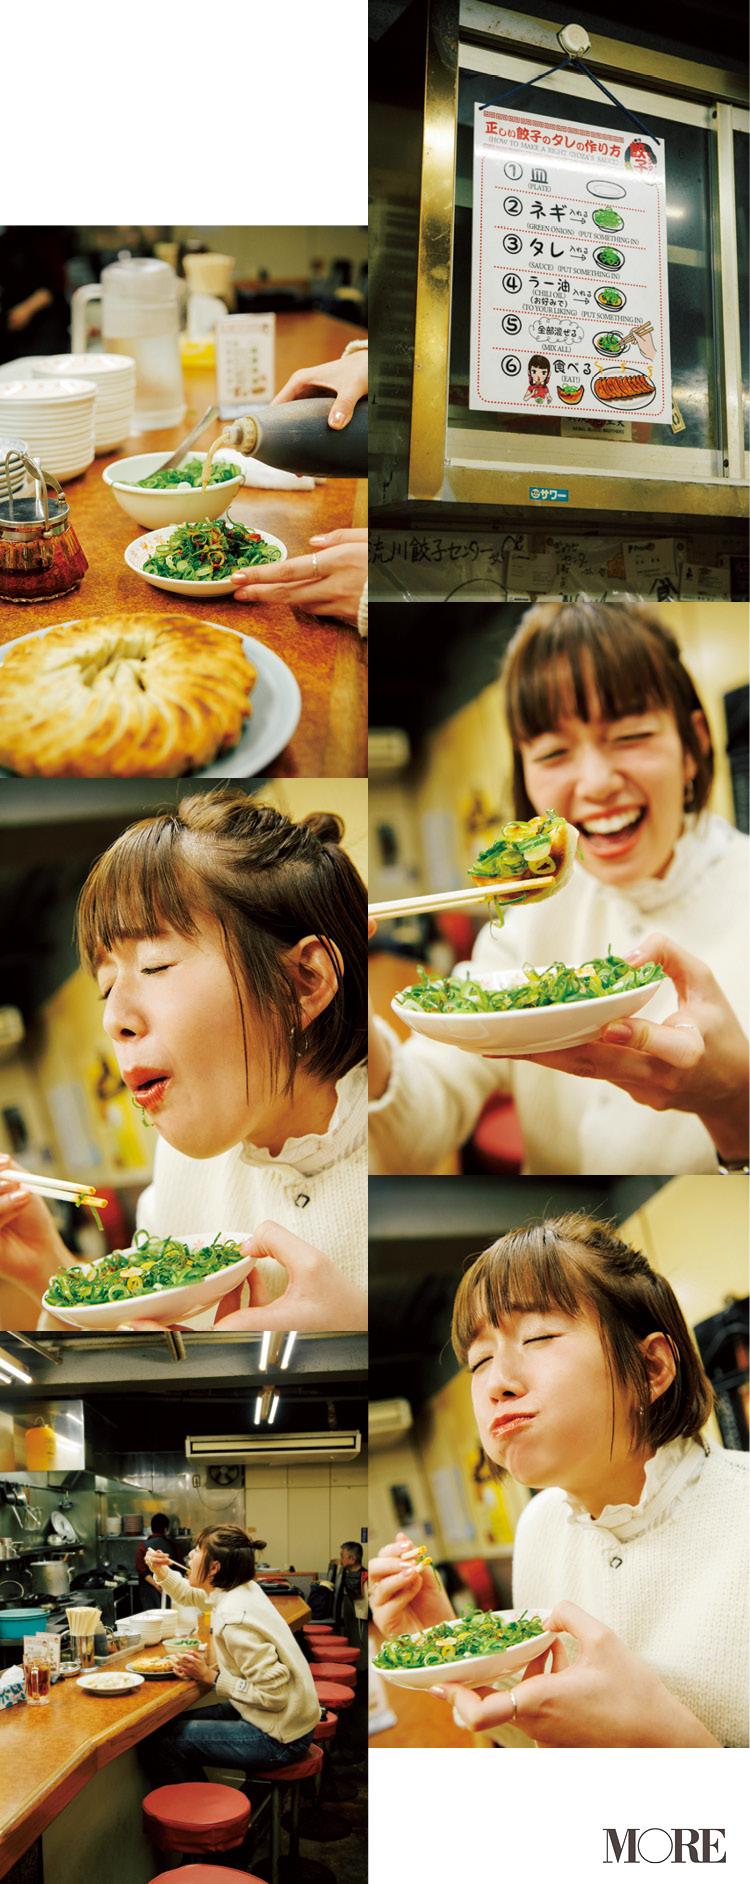 自家製のラー油とたっぷりの観音ねぎと一緒に♡ 広島『餃子センター』の「焼餃子」を食べるという幸せ♡_1